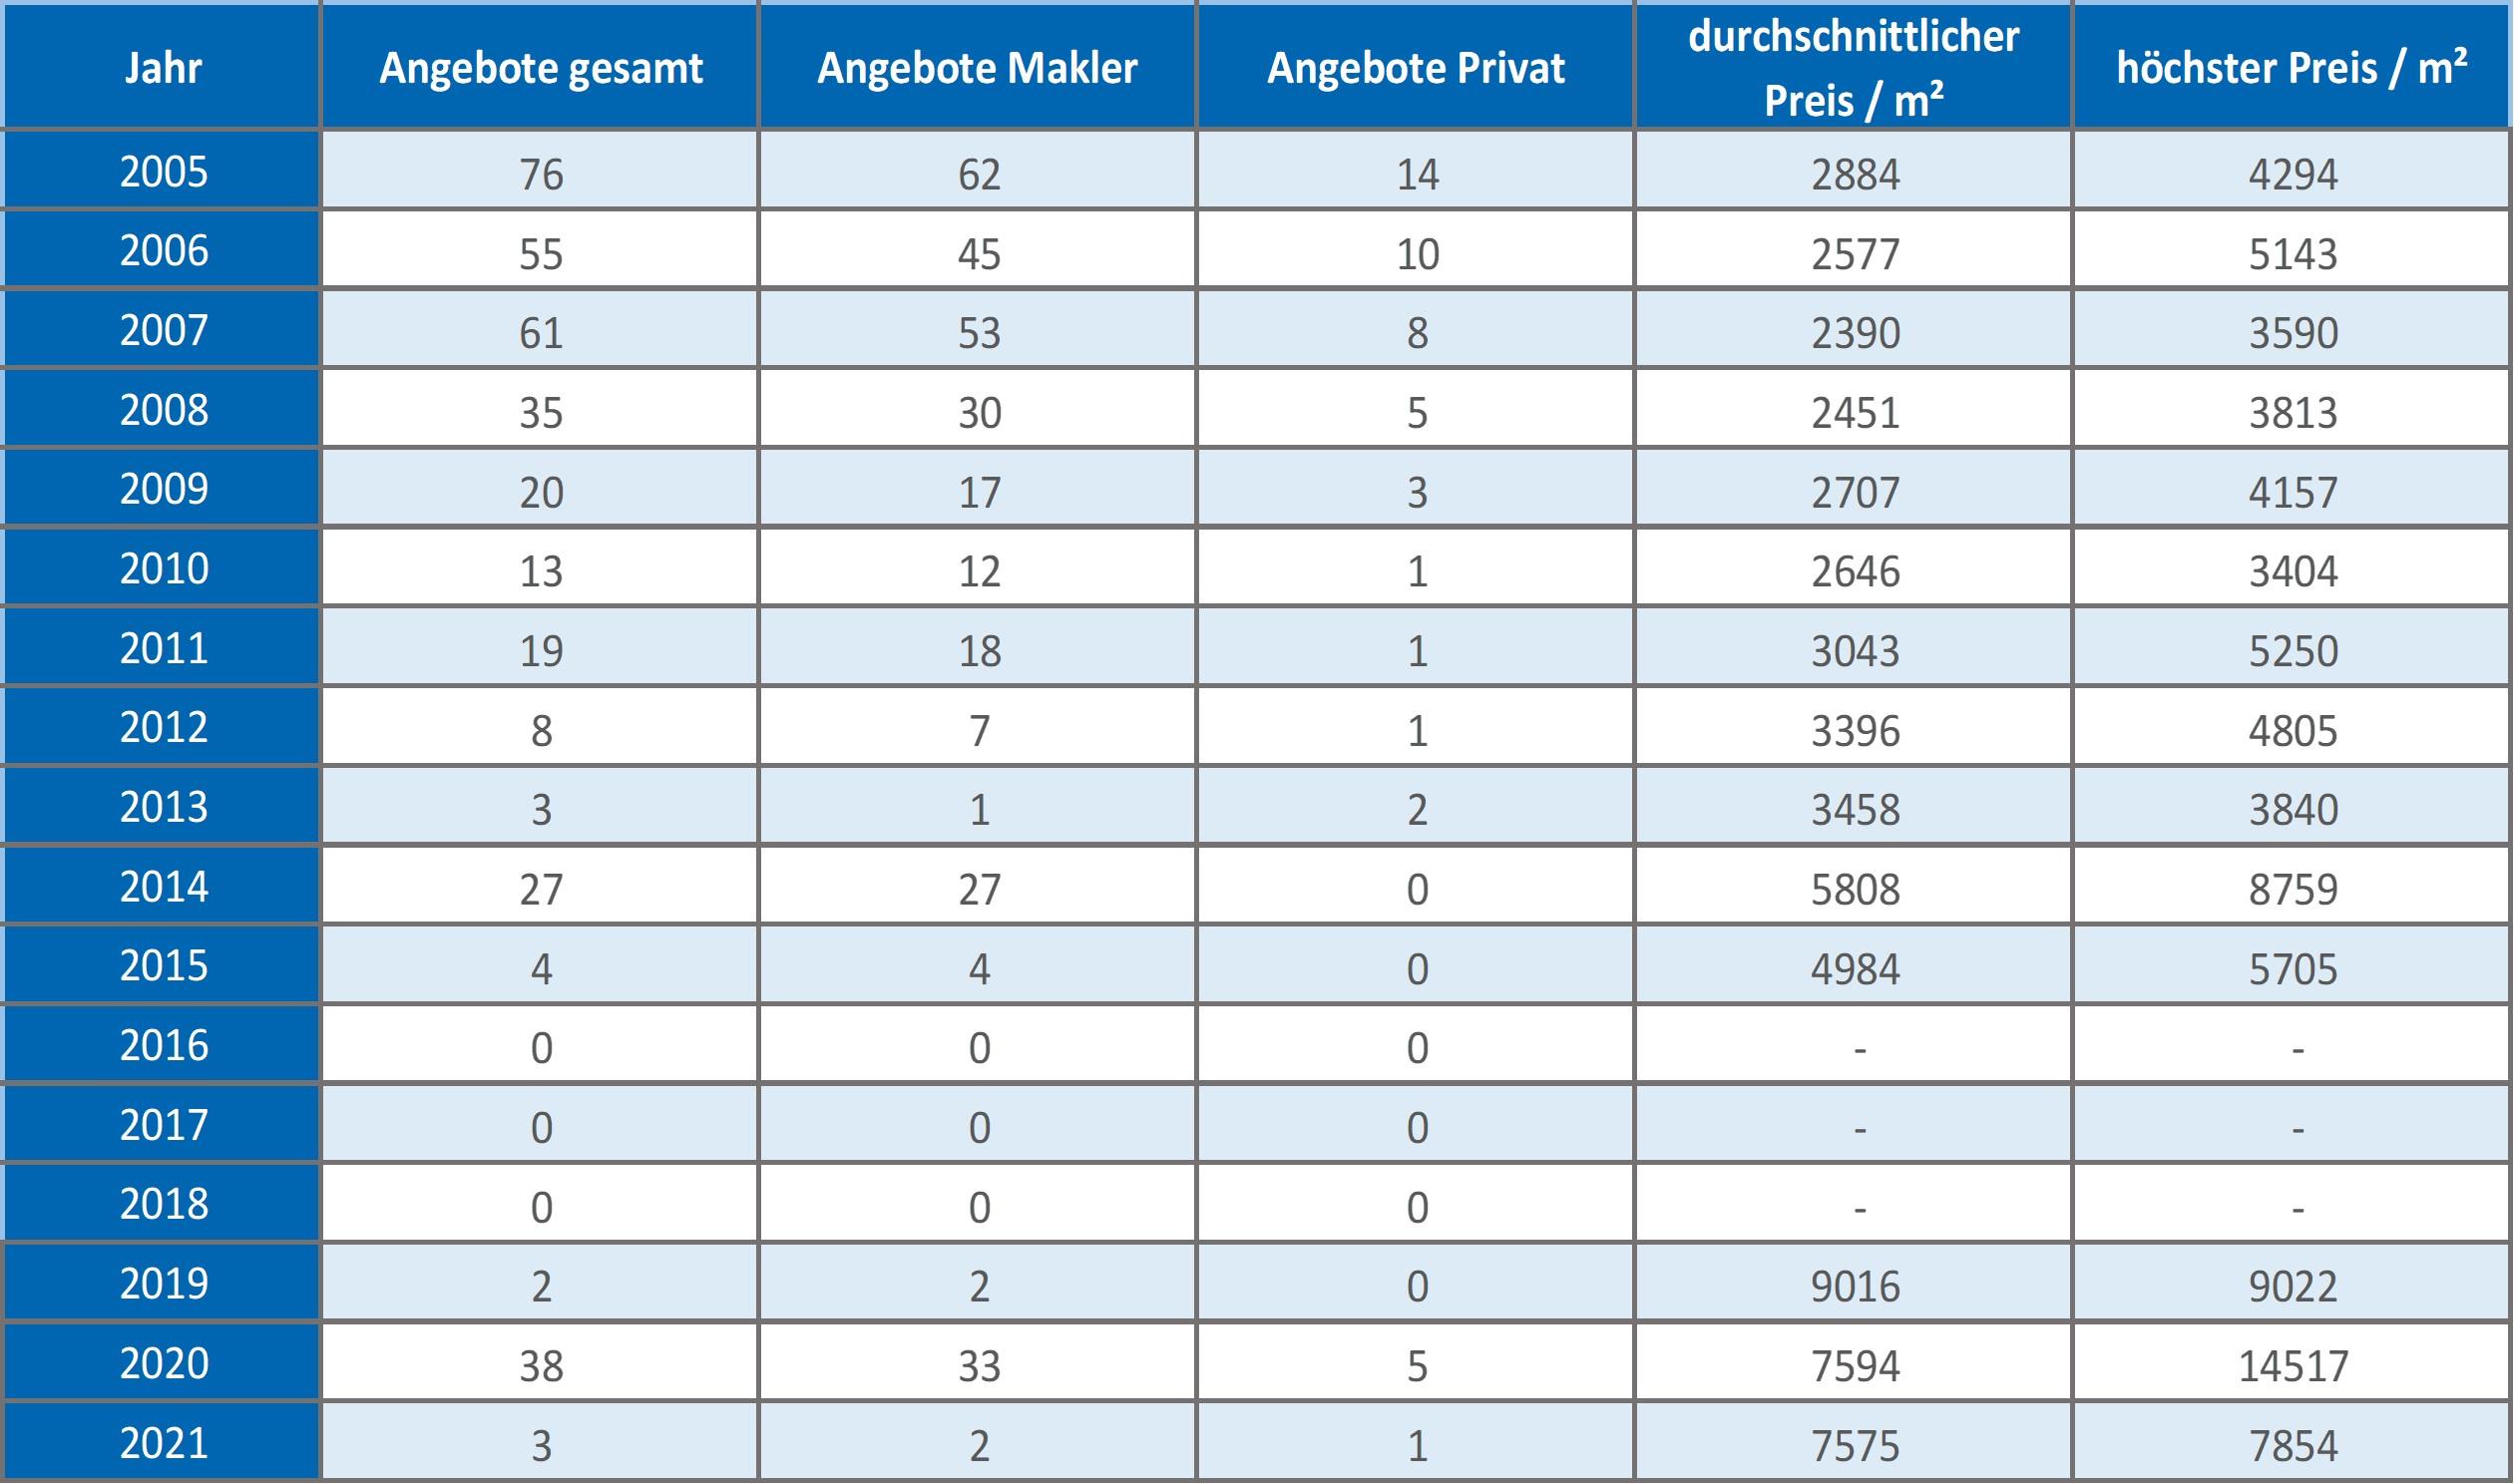 München - Englschalking Wohnung kaufen verkaufen Preis Bewertung Makler 2019 2020 2021 www.happy-immo.de